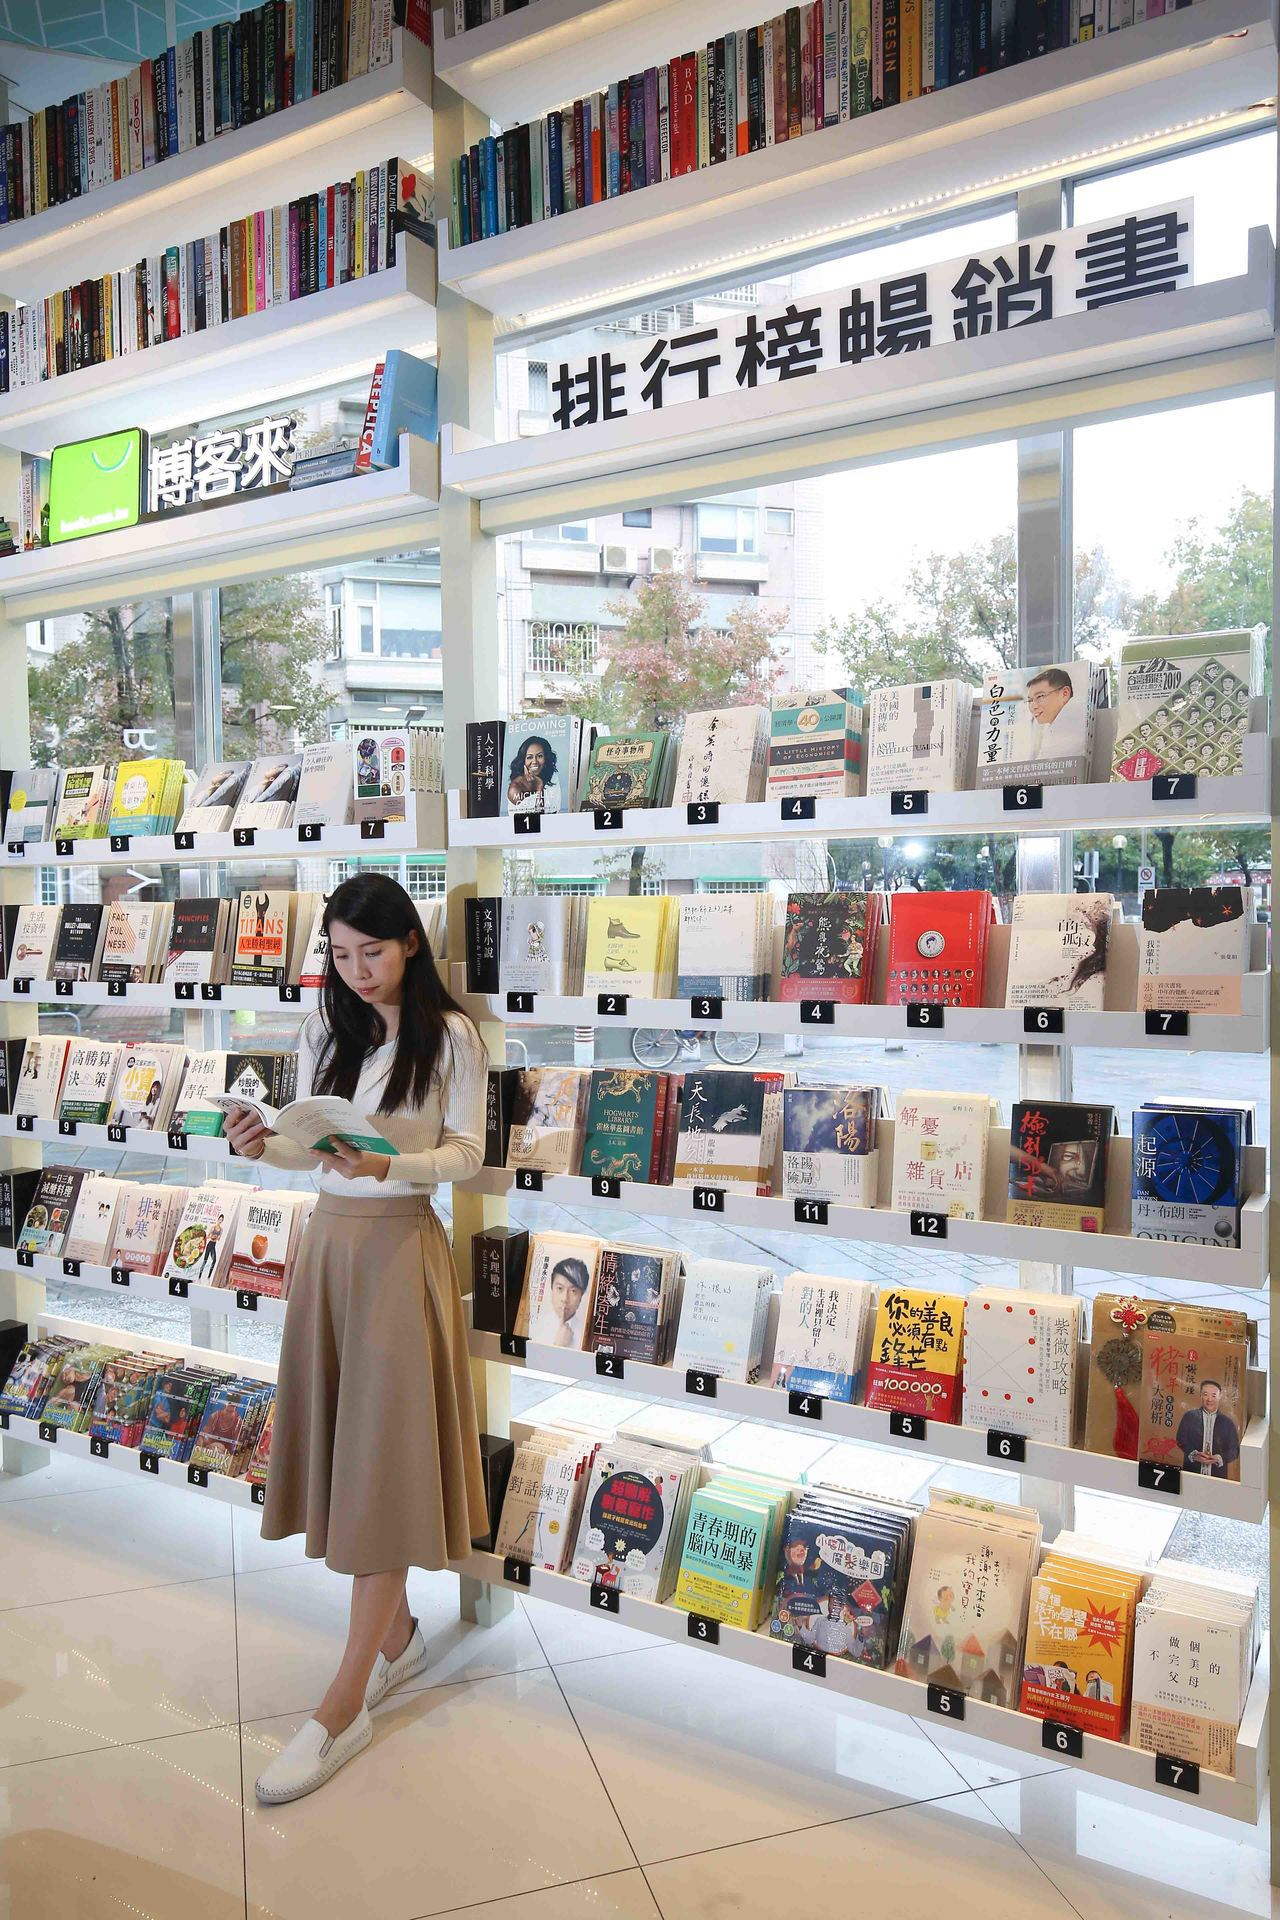 博客來書區內所有的書籍來自博客來的專業選書,全區共分成「博客來排行榜暢銷書」、「...